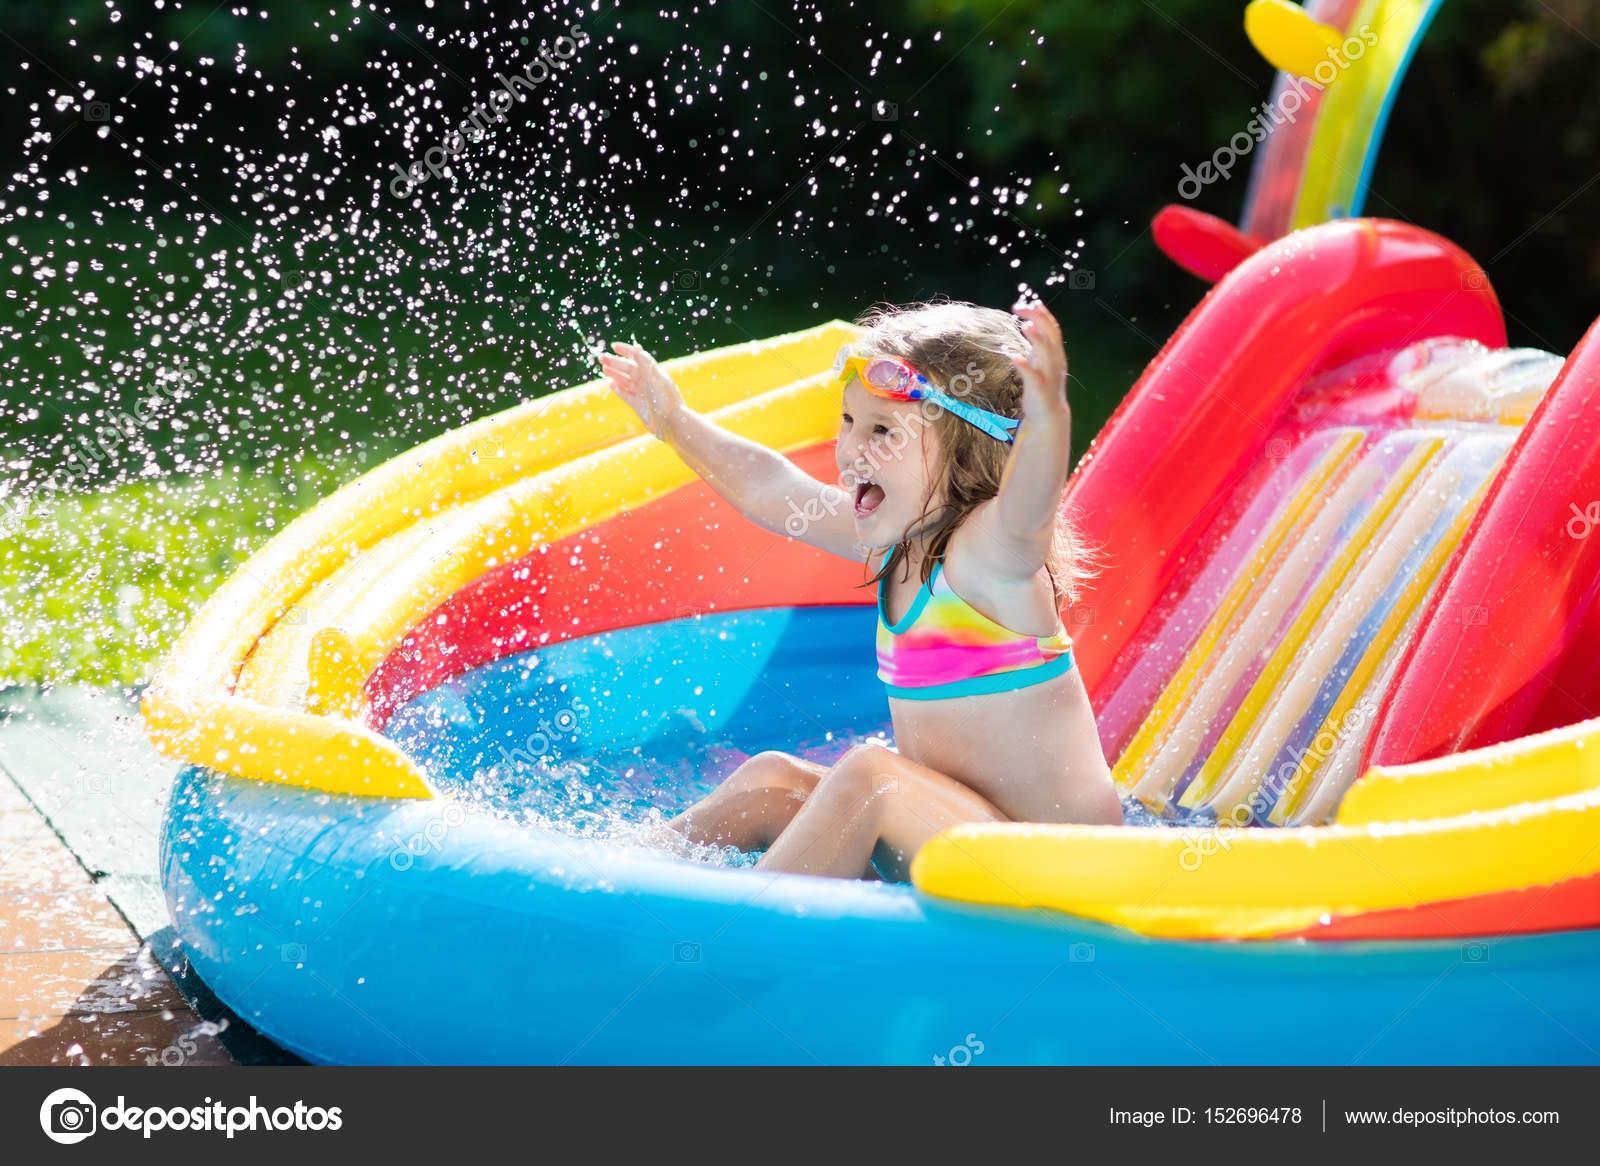 Swimmingpool im garten kinder  Kind im Garten Schwimmbad mit Rutsche — Stockfoto © FamVeldman ...